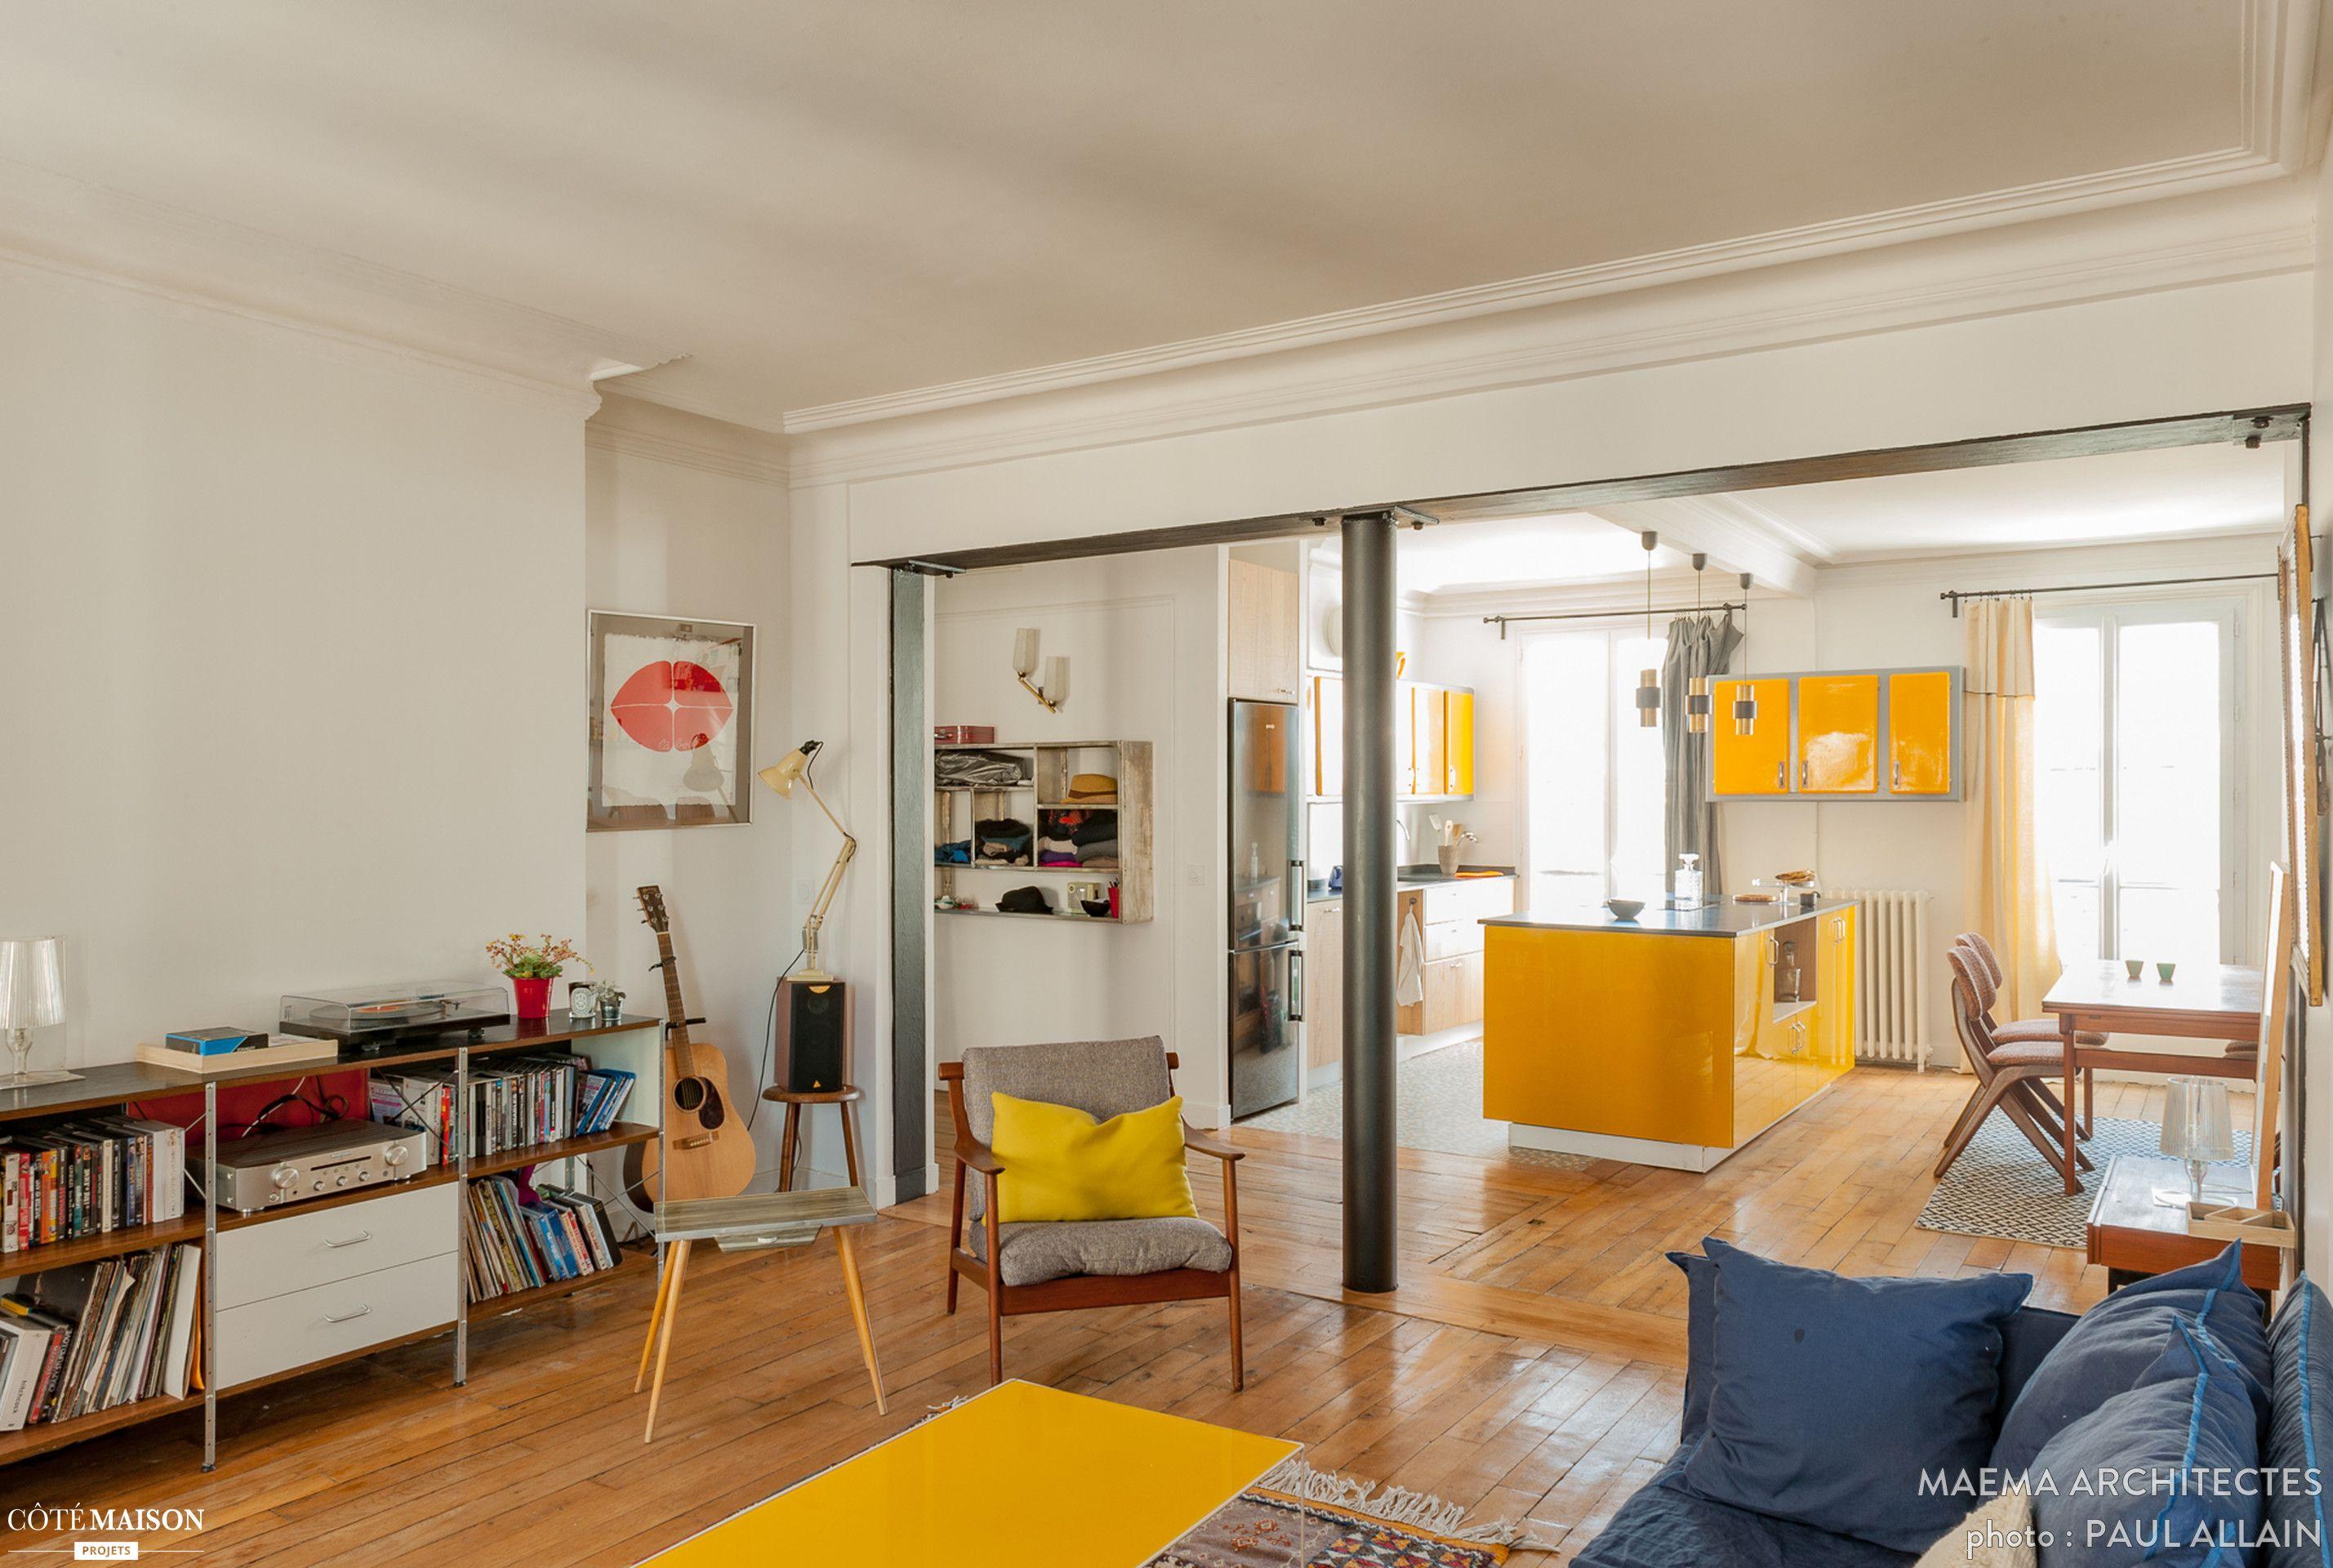 une ouverture dans le mur porteur a t r alis e afin de. Black Bedroom Furniture Sets. Home Design Ideas